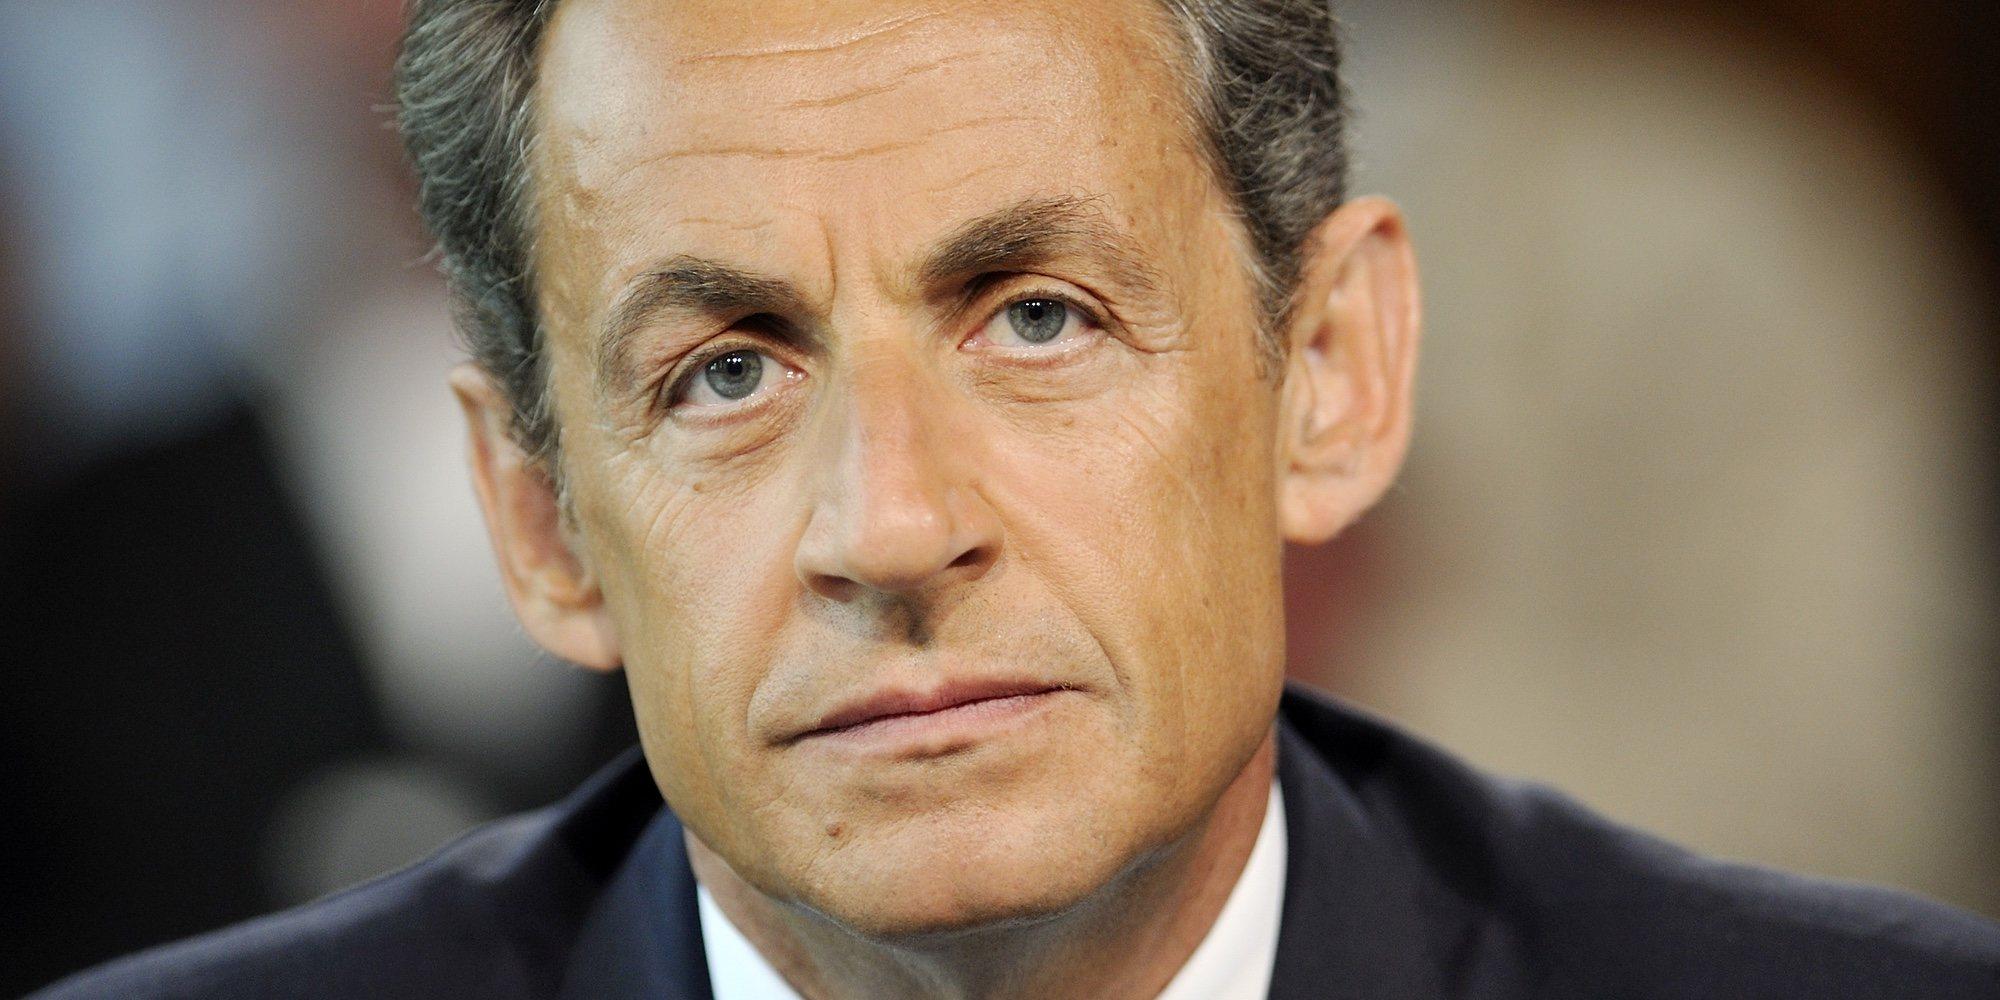 Detenido el ex Presidente francés Nicolas Sarkozy por supuesta financiación ilegal de su campaña en 2007